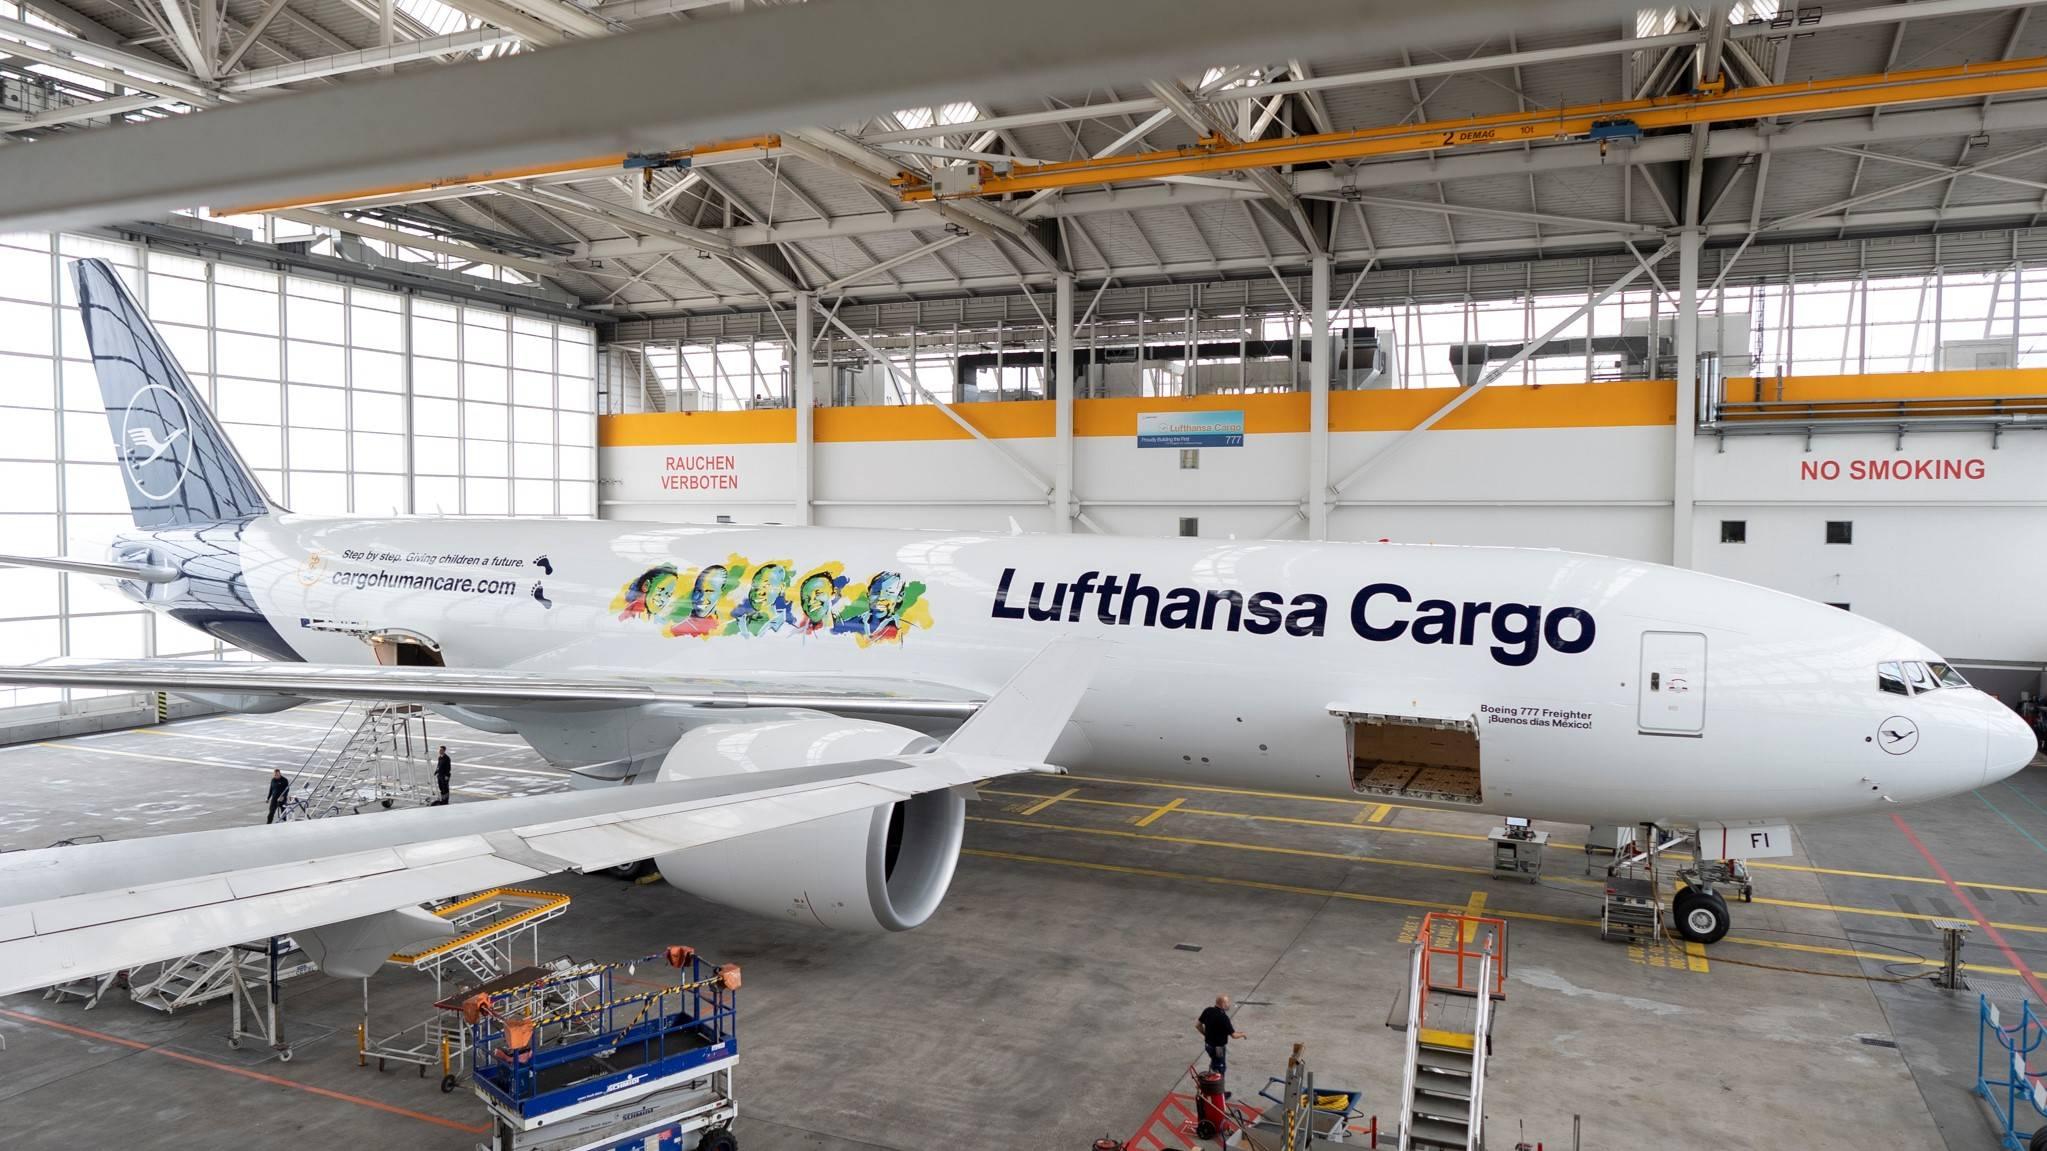 Авиакомпания люфтганза — самолёты, правила провоза багажа и регистрации на рейсы, адреса и телефоны представительства в москве, отзывы туристов